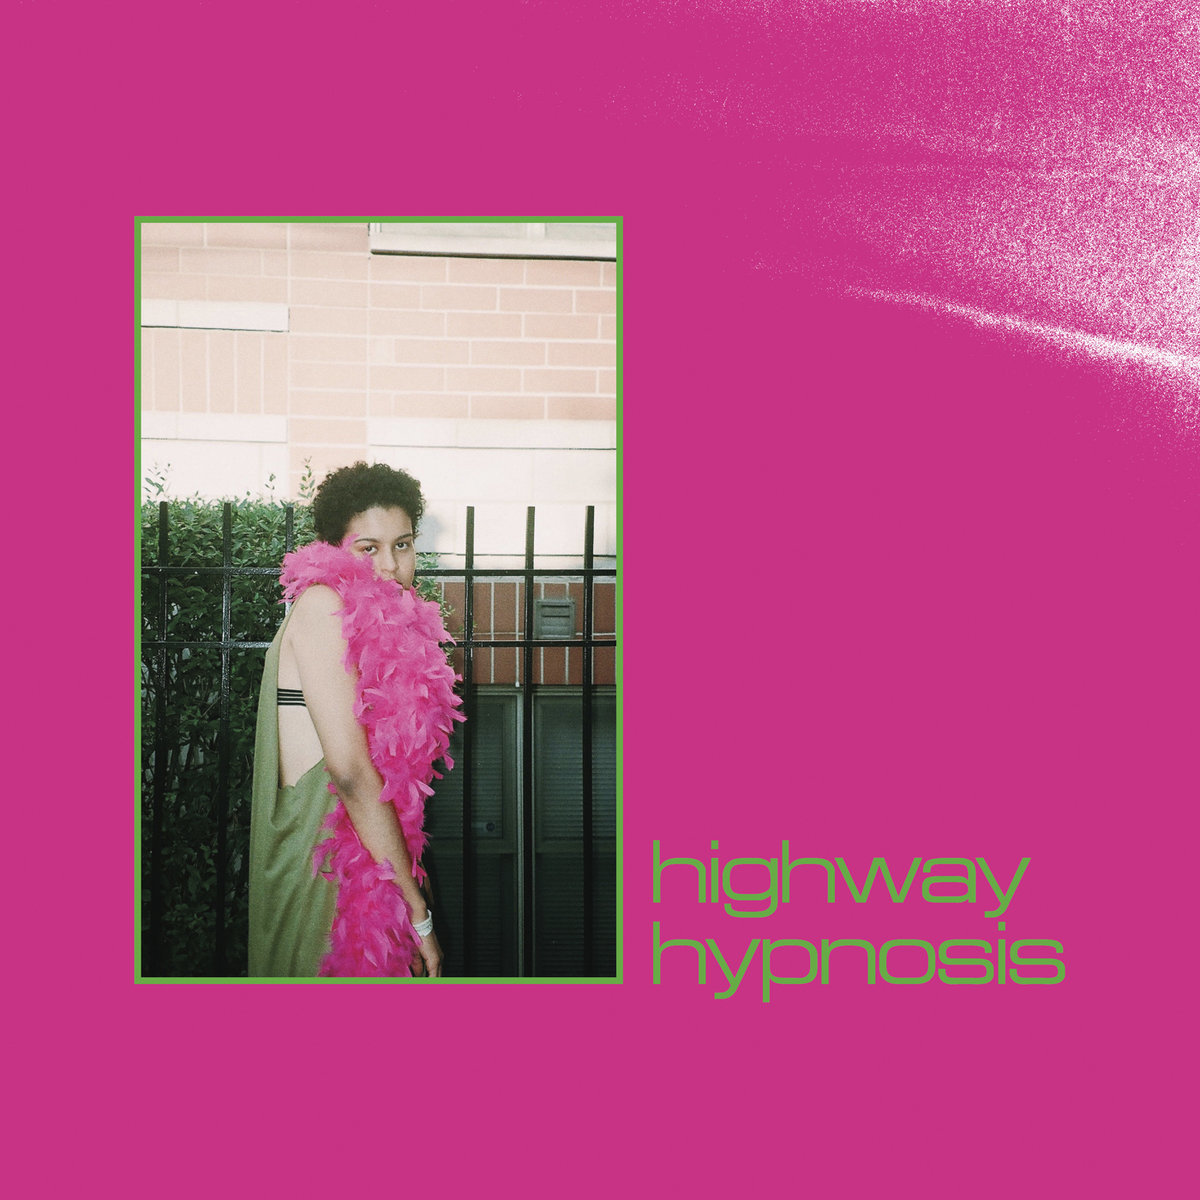 Sneaks - Highway Hypnosis (LP)